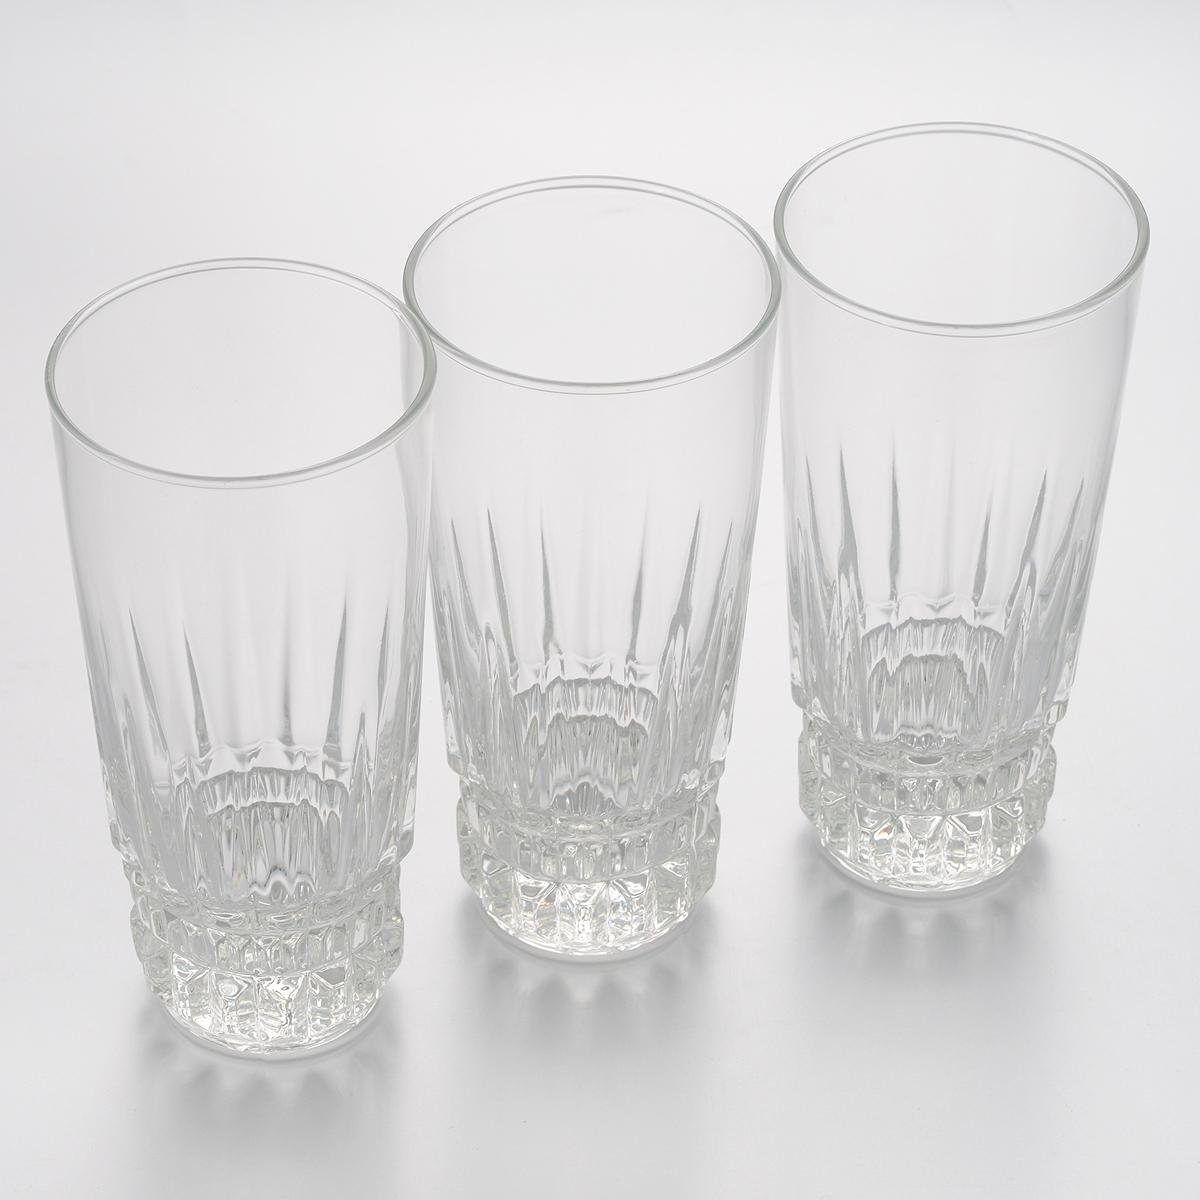 Набор стаканов Luminarc Imperator, 310 мл, 3 штE5182Набор Luminarc Imperator состоит из трех стаканов, выполненных из высококачественного стекла. Изделия предназначены для подачи воды и других безалкогольных напитков. Они отличаются особой легкостью и прочностью, излучают приятный блеск и издают мелодичный хрустальный звон. Стаканы станут идеальным украшением праздничного стола и отличным подарком к любому празднику. Диаметр стакана (по верхнему краю): 7 см. Высота: 15 см.